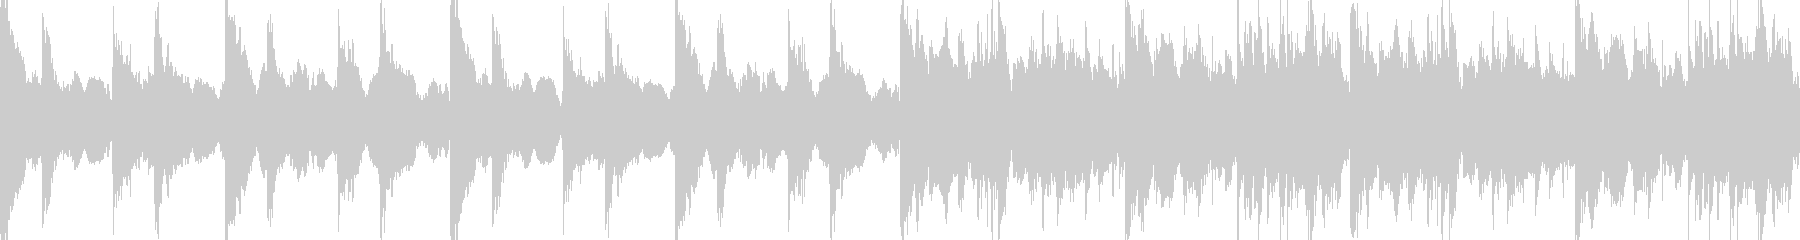 縁、和風のBGM(ループ仕様)の未再生の波形